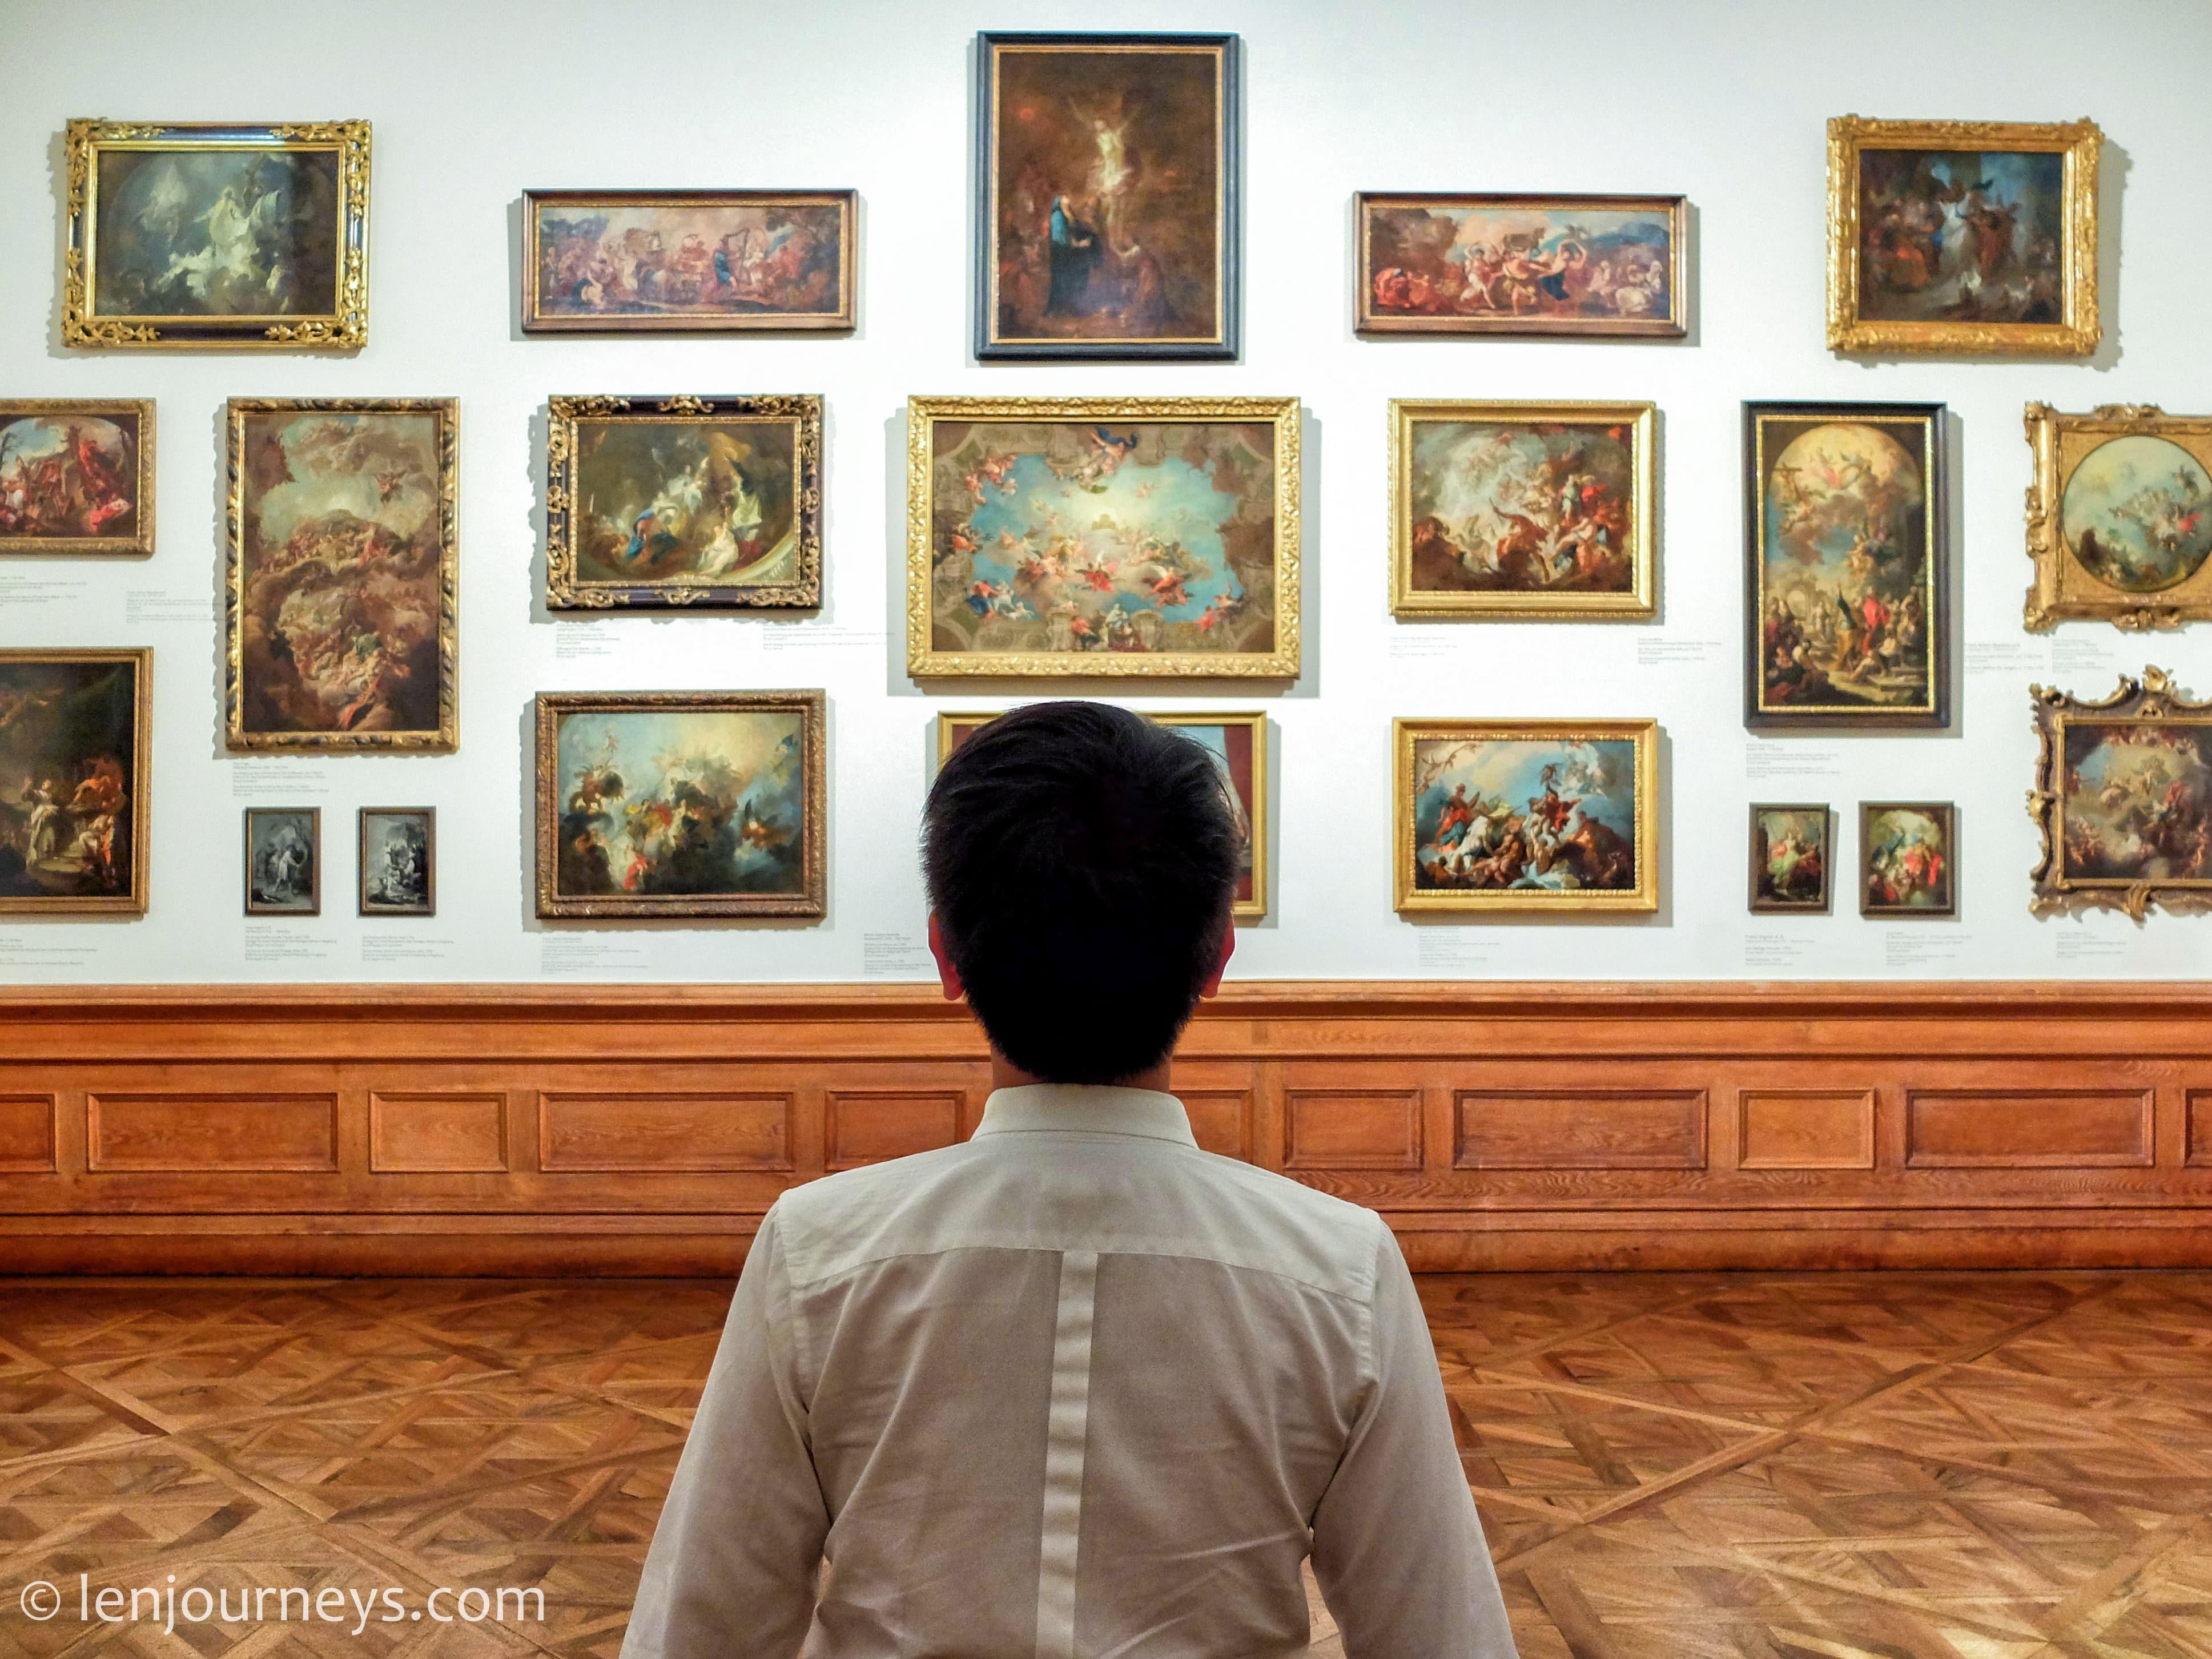 Gallery in Belvedere